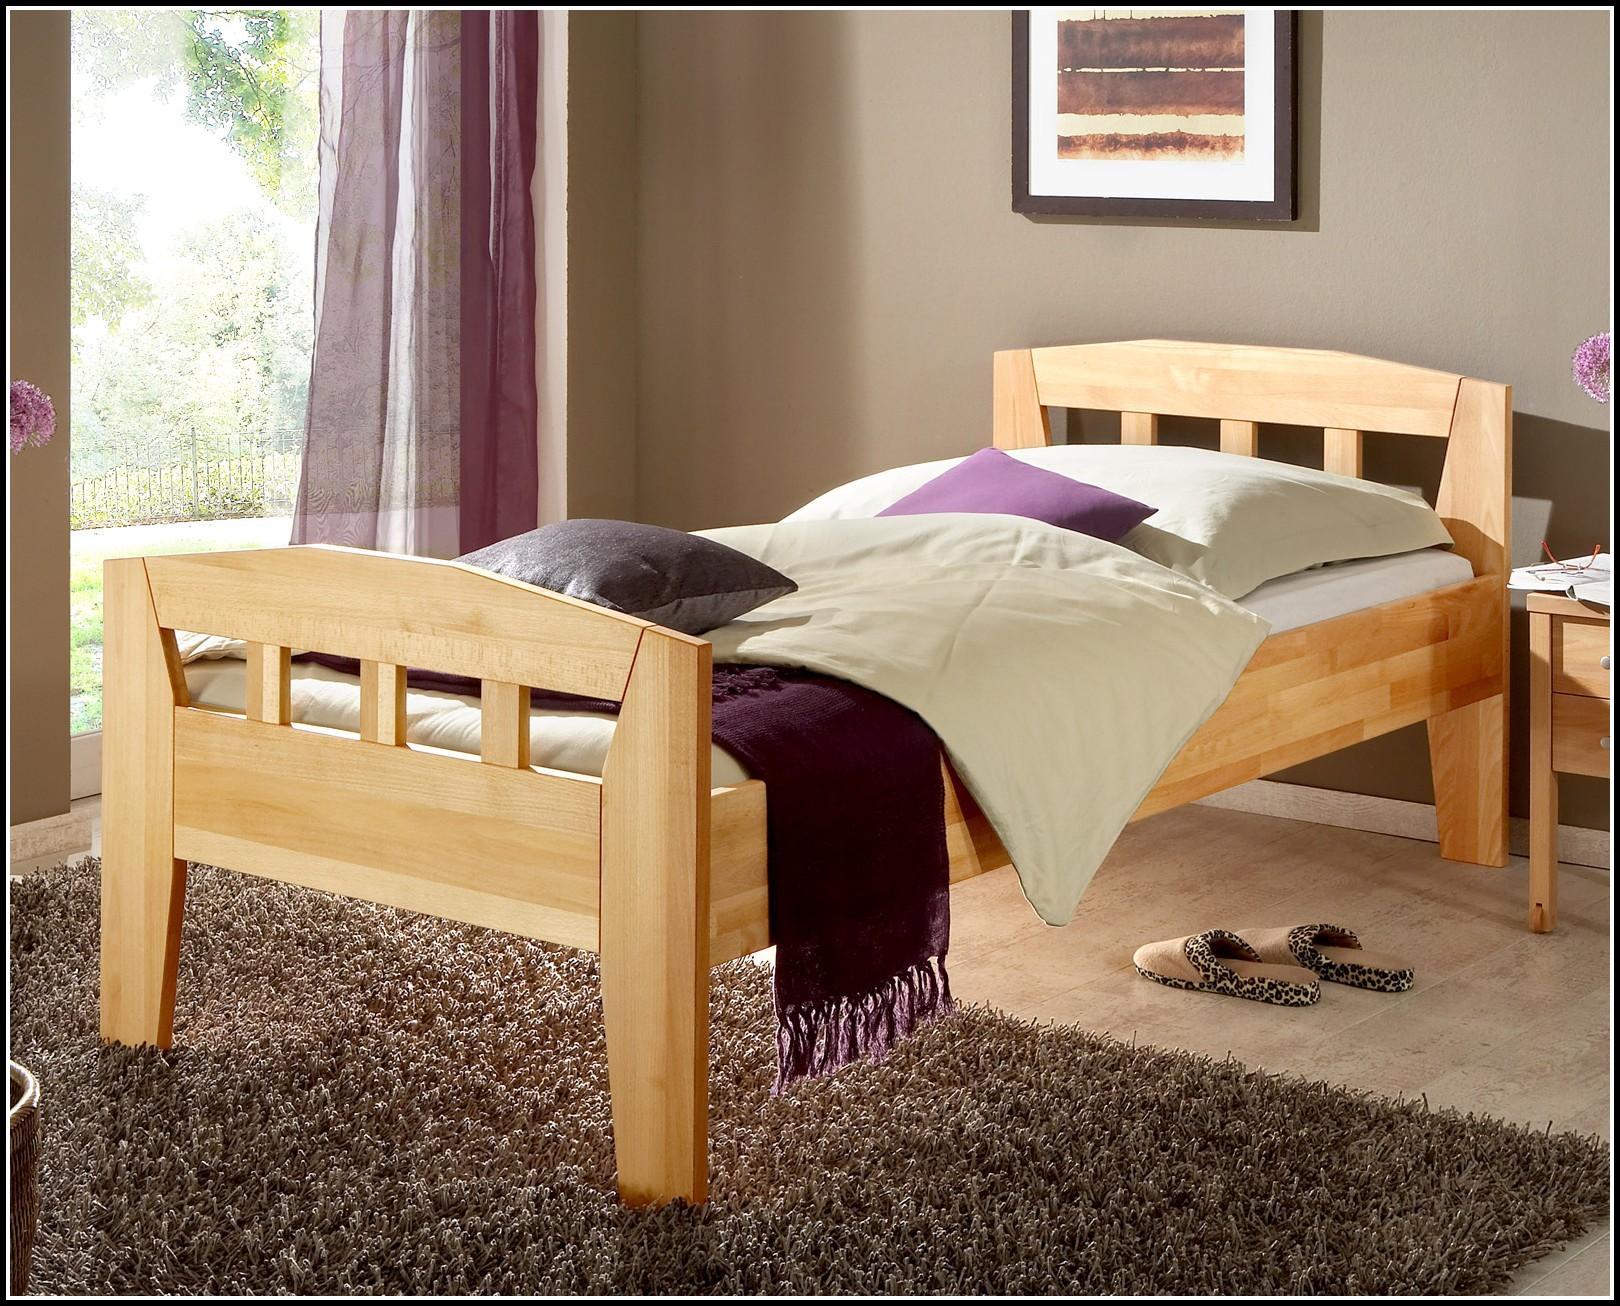 bett 120 cm breit gebraucht betten house und dekor. Black Bedroom Furniture Sets. Home Design Ideas